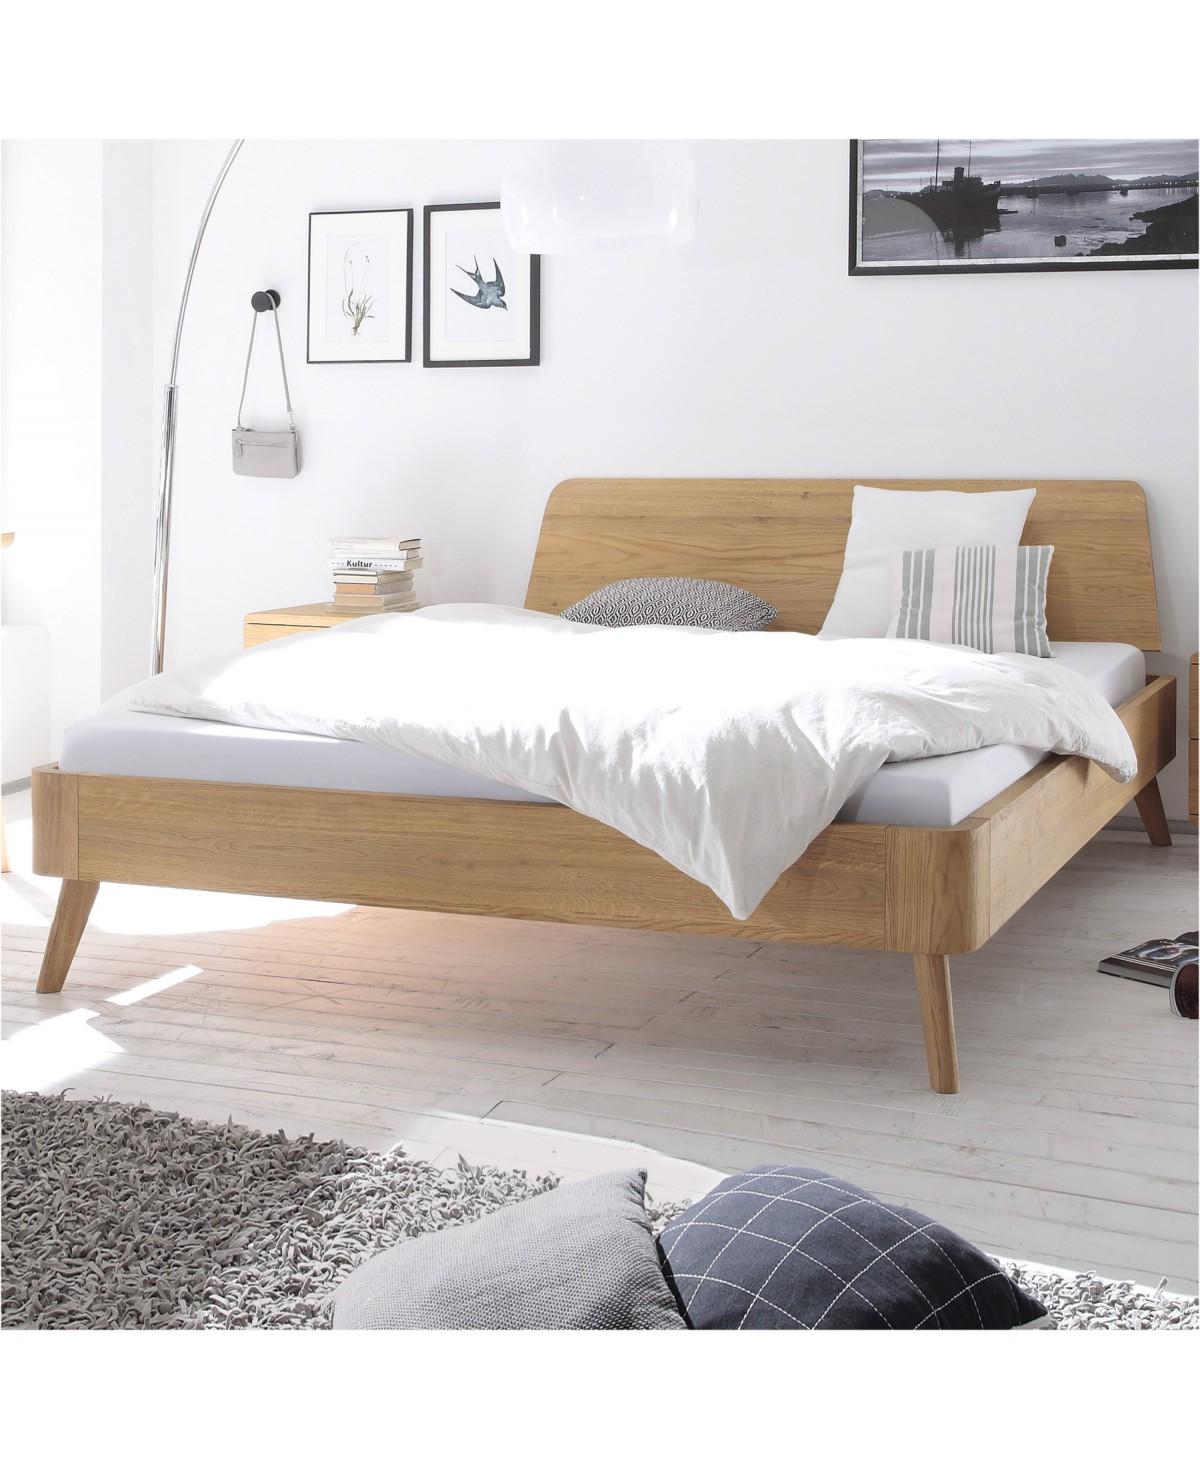 Full Size of Bett Weiß 120x200 Mit Matratze Und Lattenrost Betten Bettkasten Wohnzimmer Stauraumbett 120x200